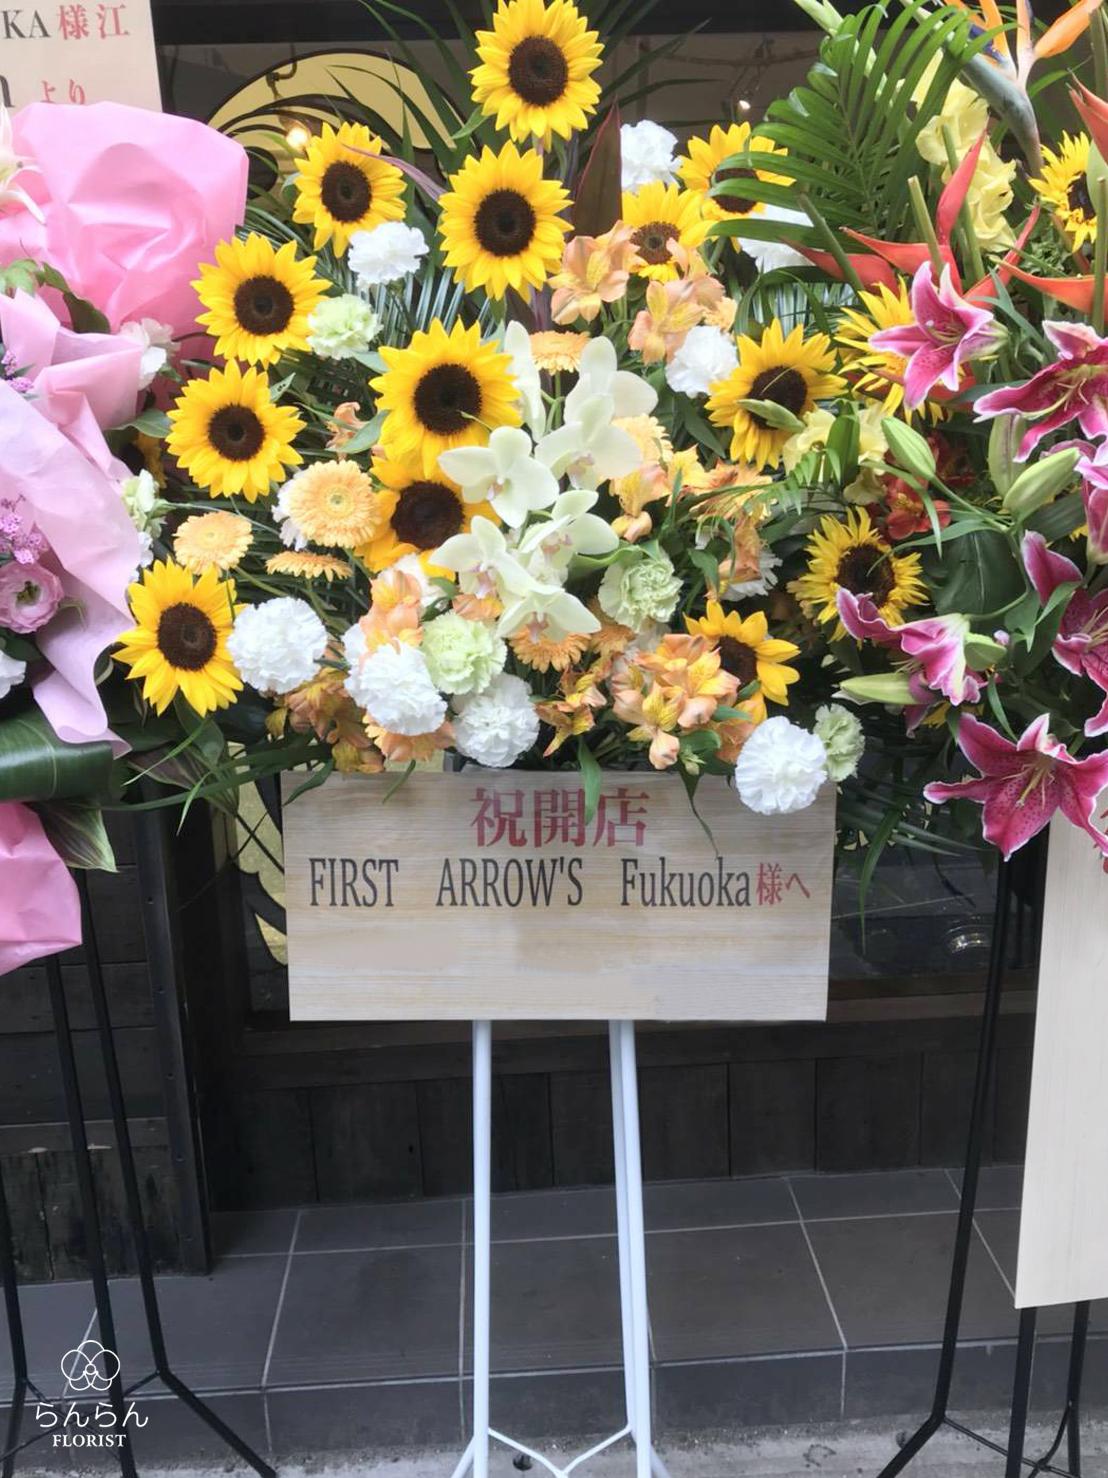 FIRST ARROW'S Fukuoka お祝いスタンド花